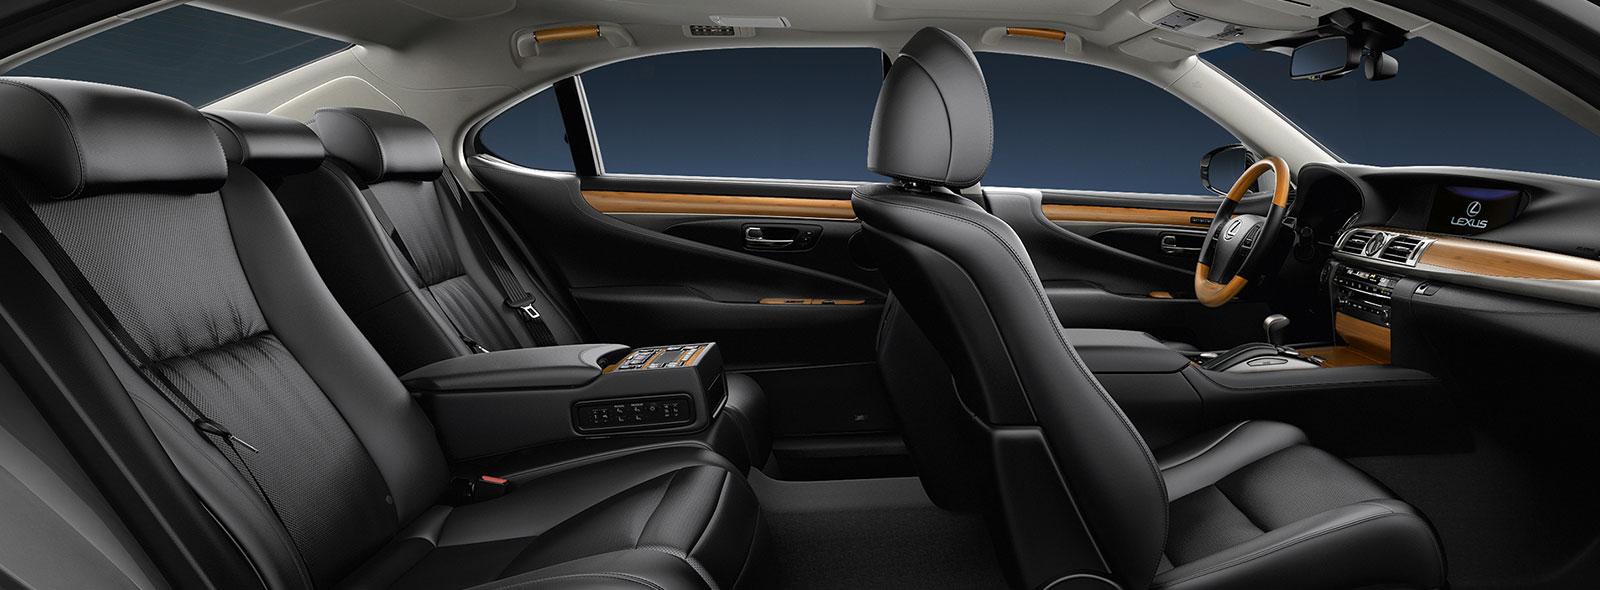 Interieur Lexus LS 600h L